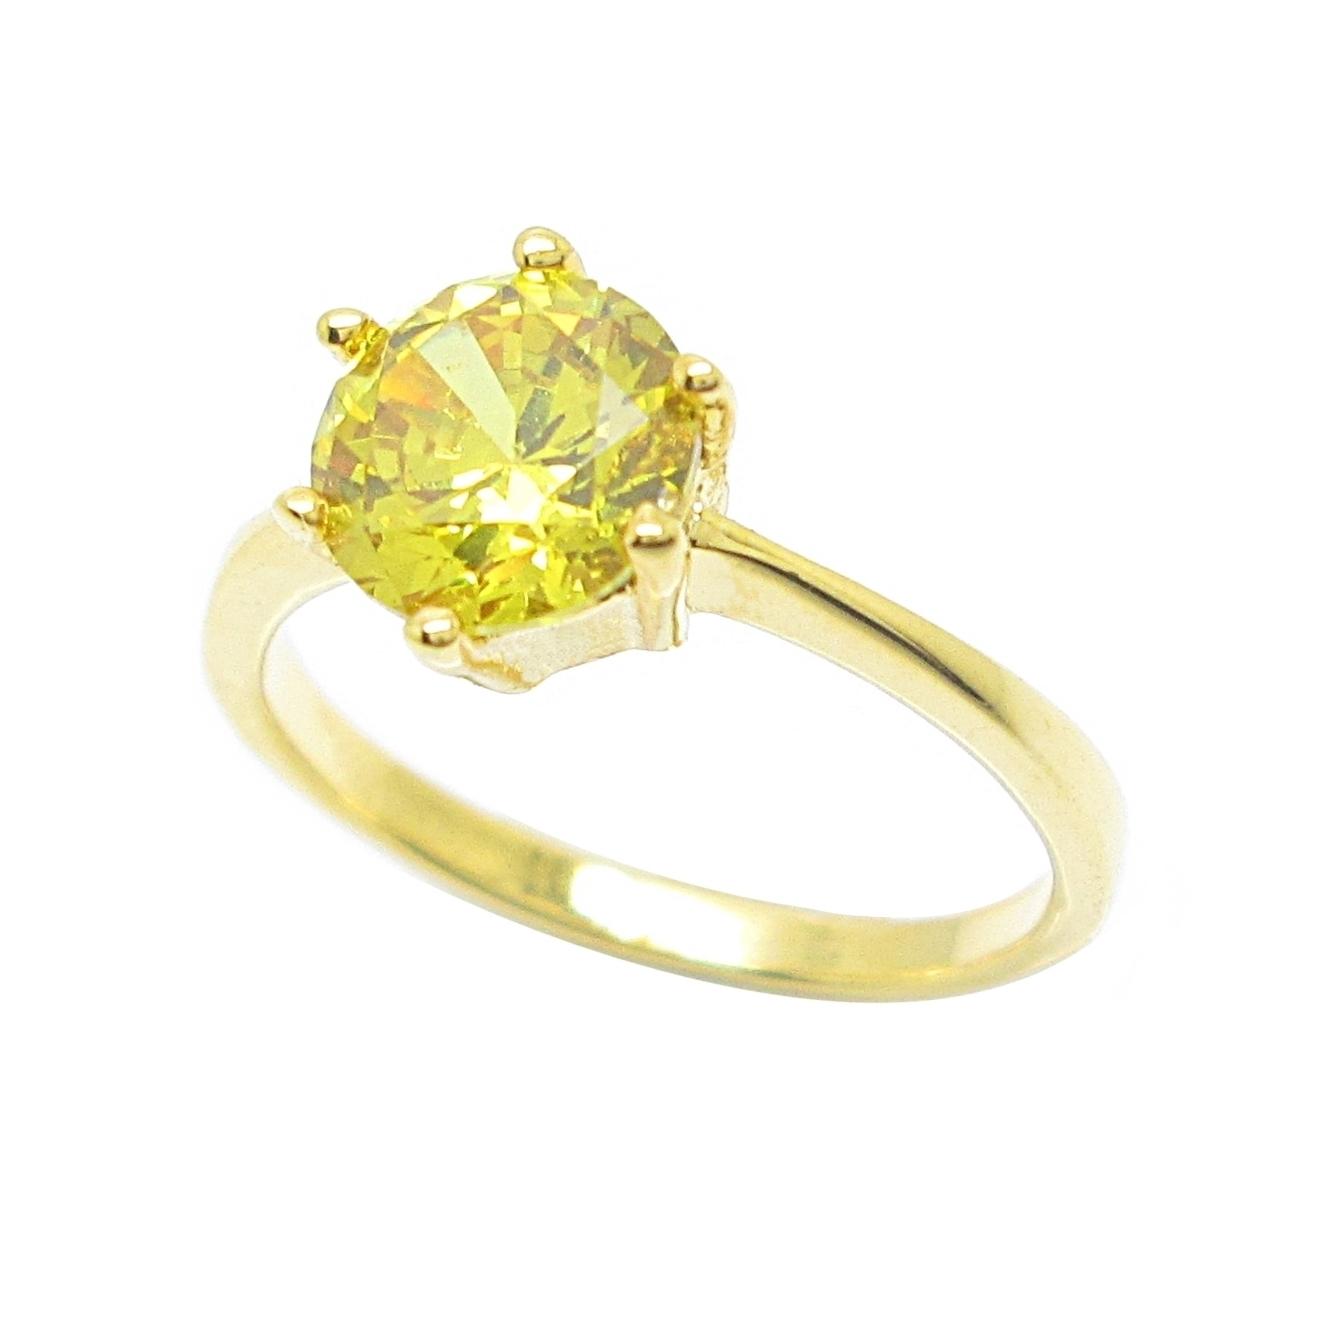 แหวนประดับพลอยบุศราคัมเม็ดเดี่ยวชุบทอง